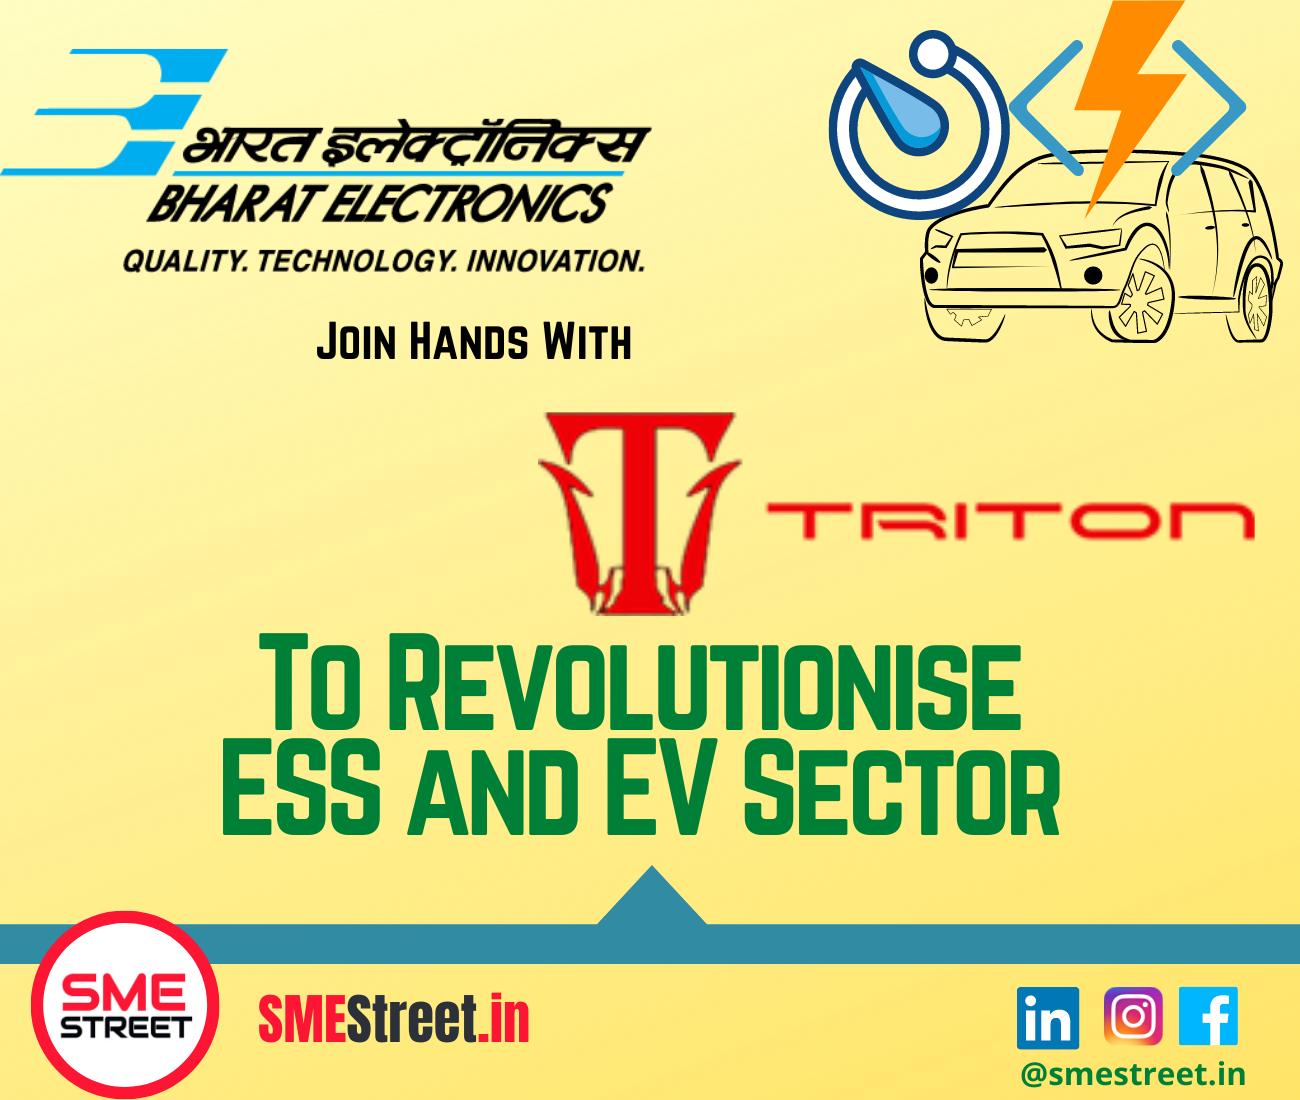 MoU, BEL, Triton Electric Vehicle, Triton EV, SMESTreet